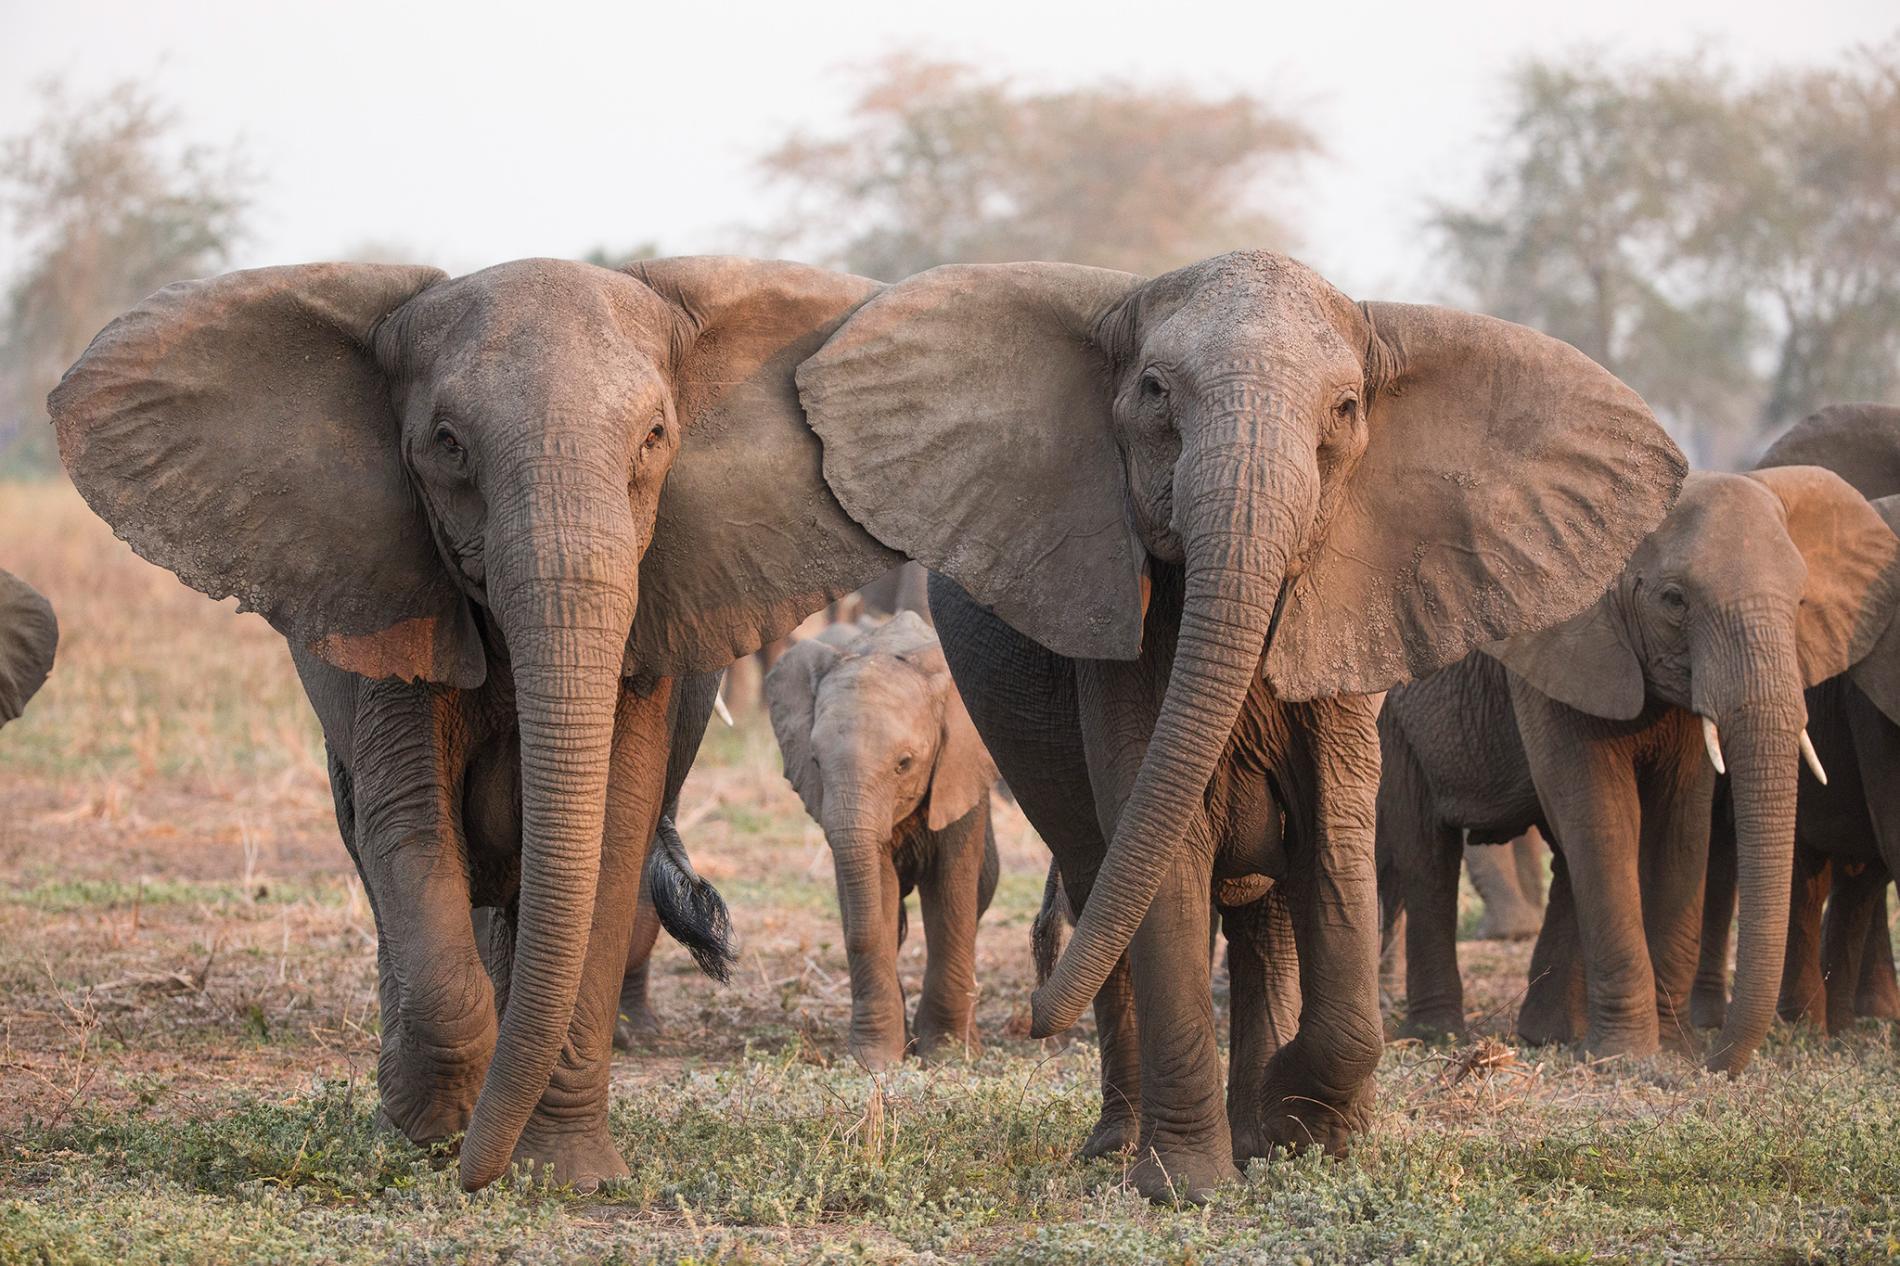 Bajo la presión de la caza furtiva, los elefantes están evolucionando para perder sus colmillos.